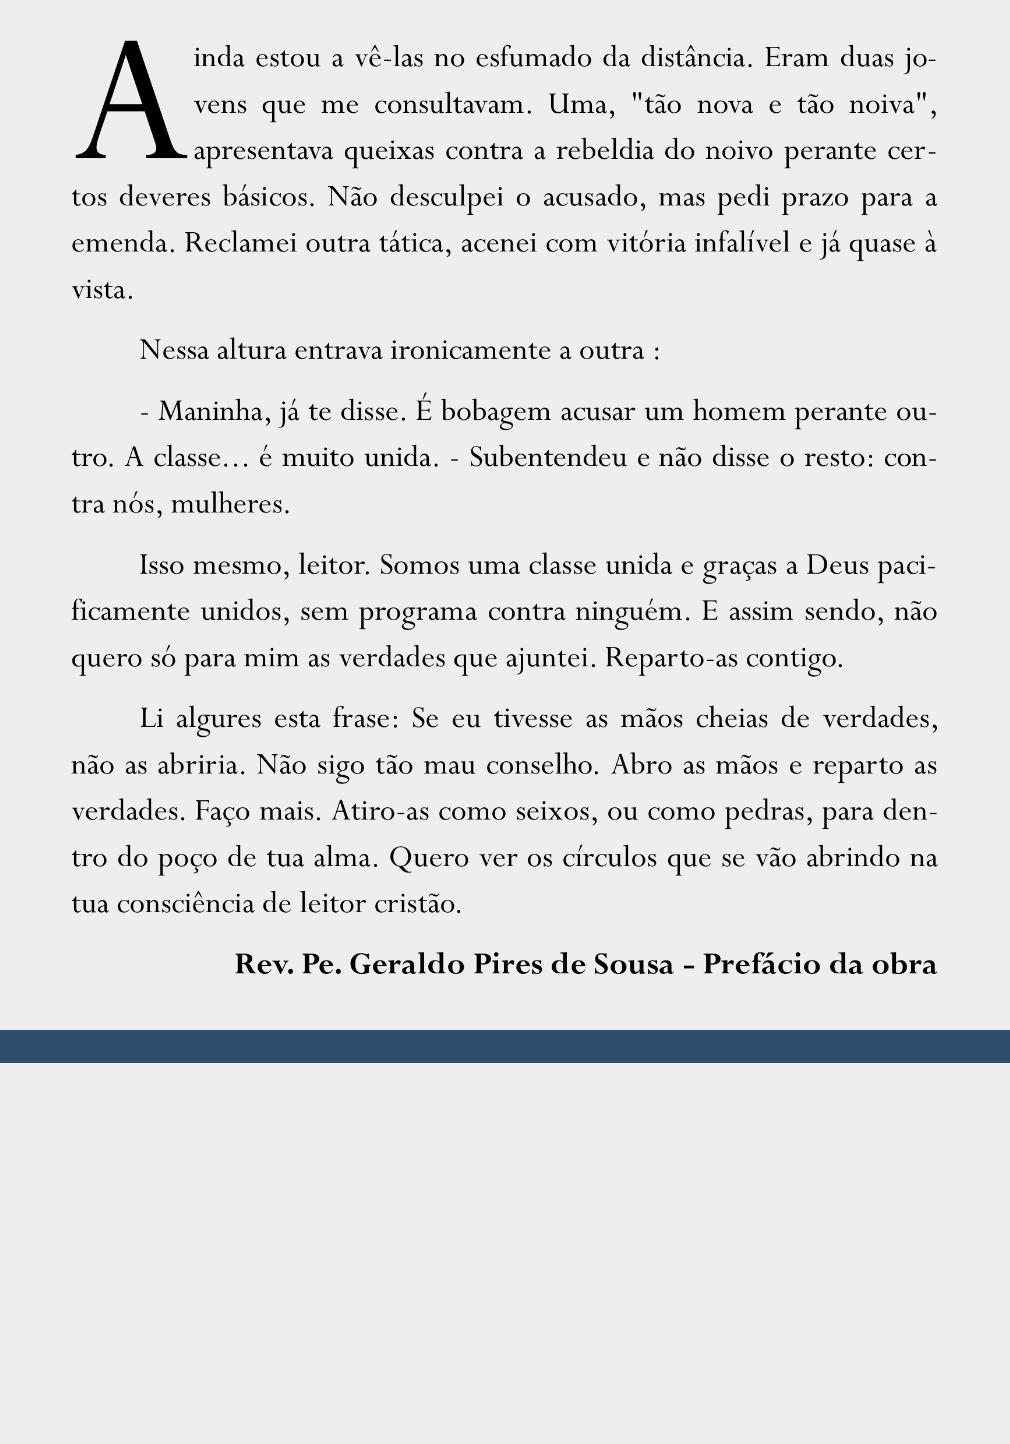 Muito entre nós... - Rev. Pe. Geraldo Pires de Sousa